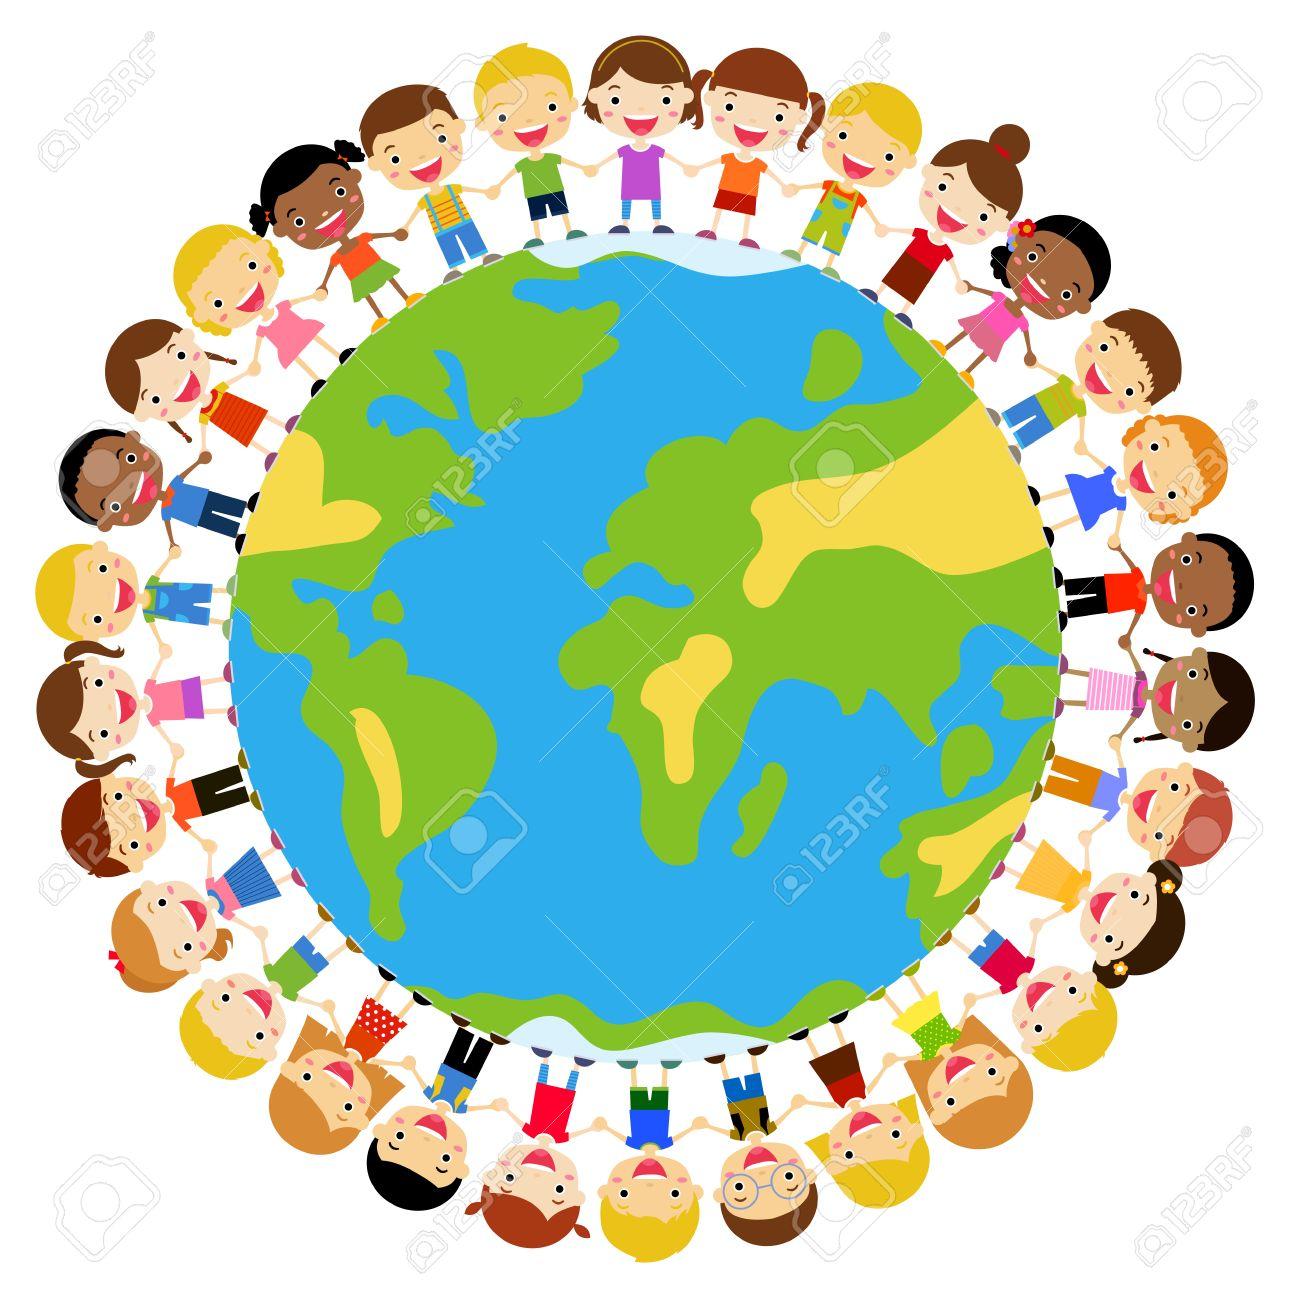 世界中の子供たちのイラスト素材・ベクタ - Image 39096364.